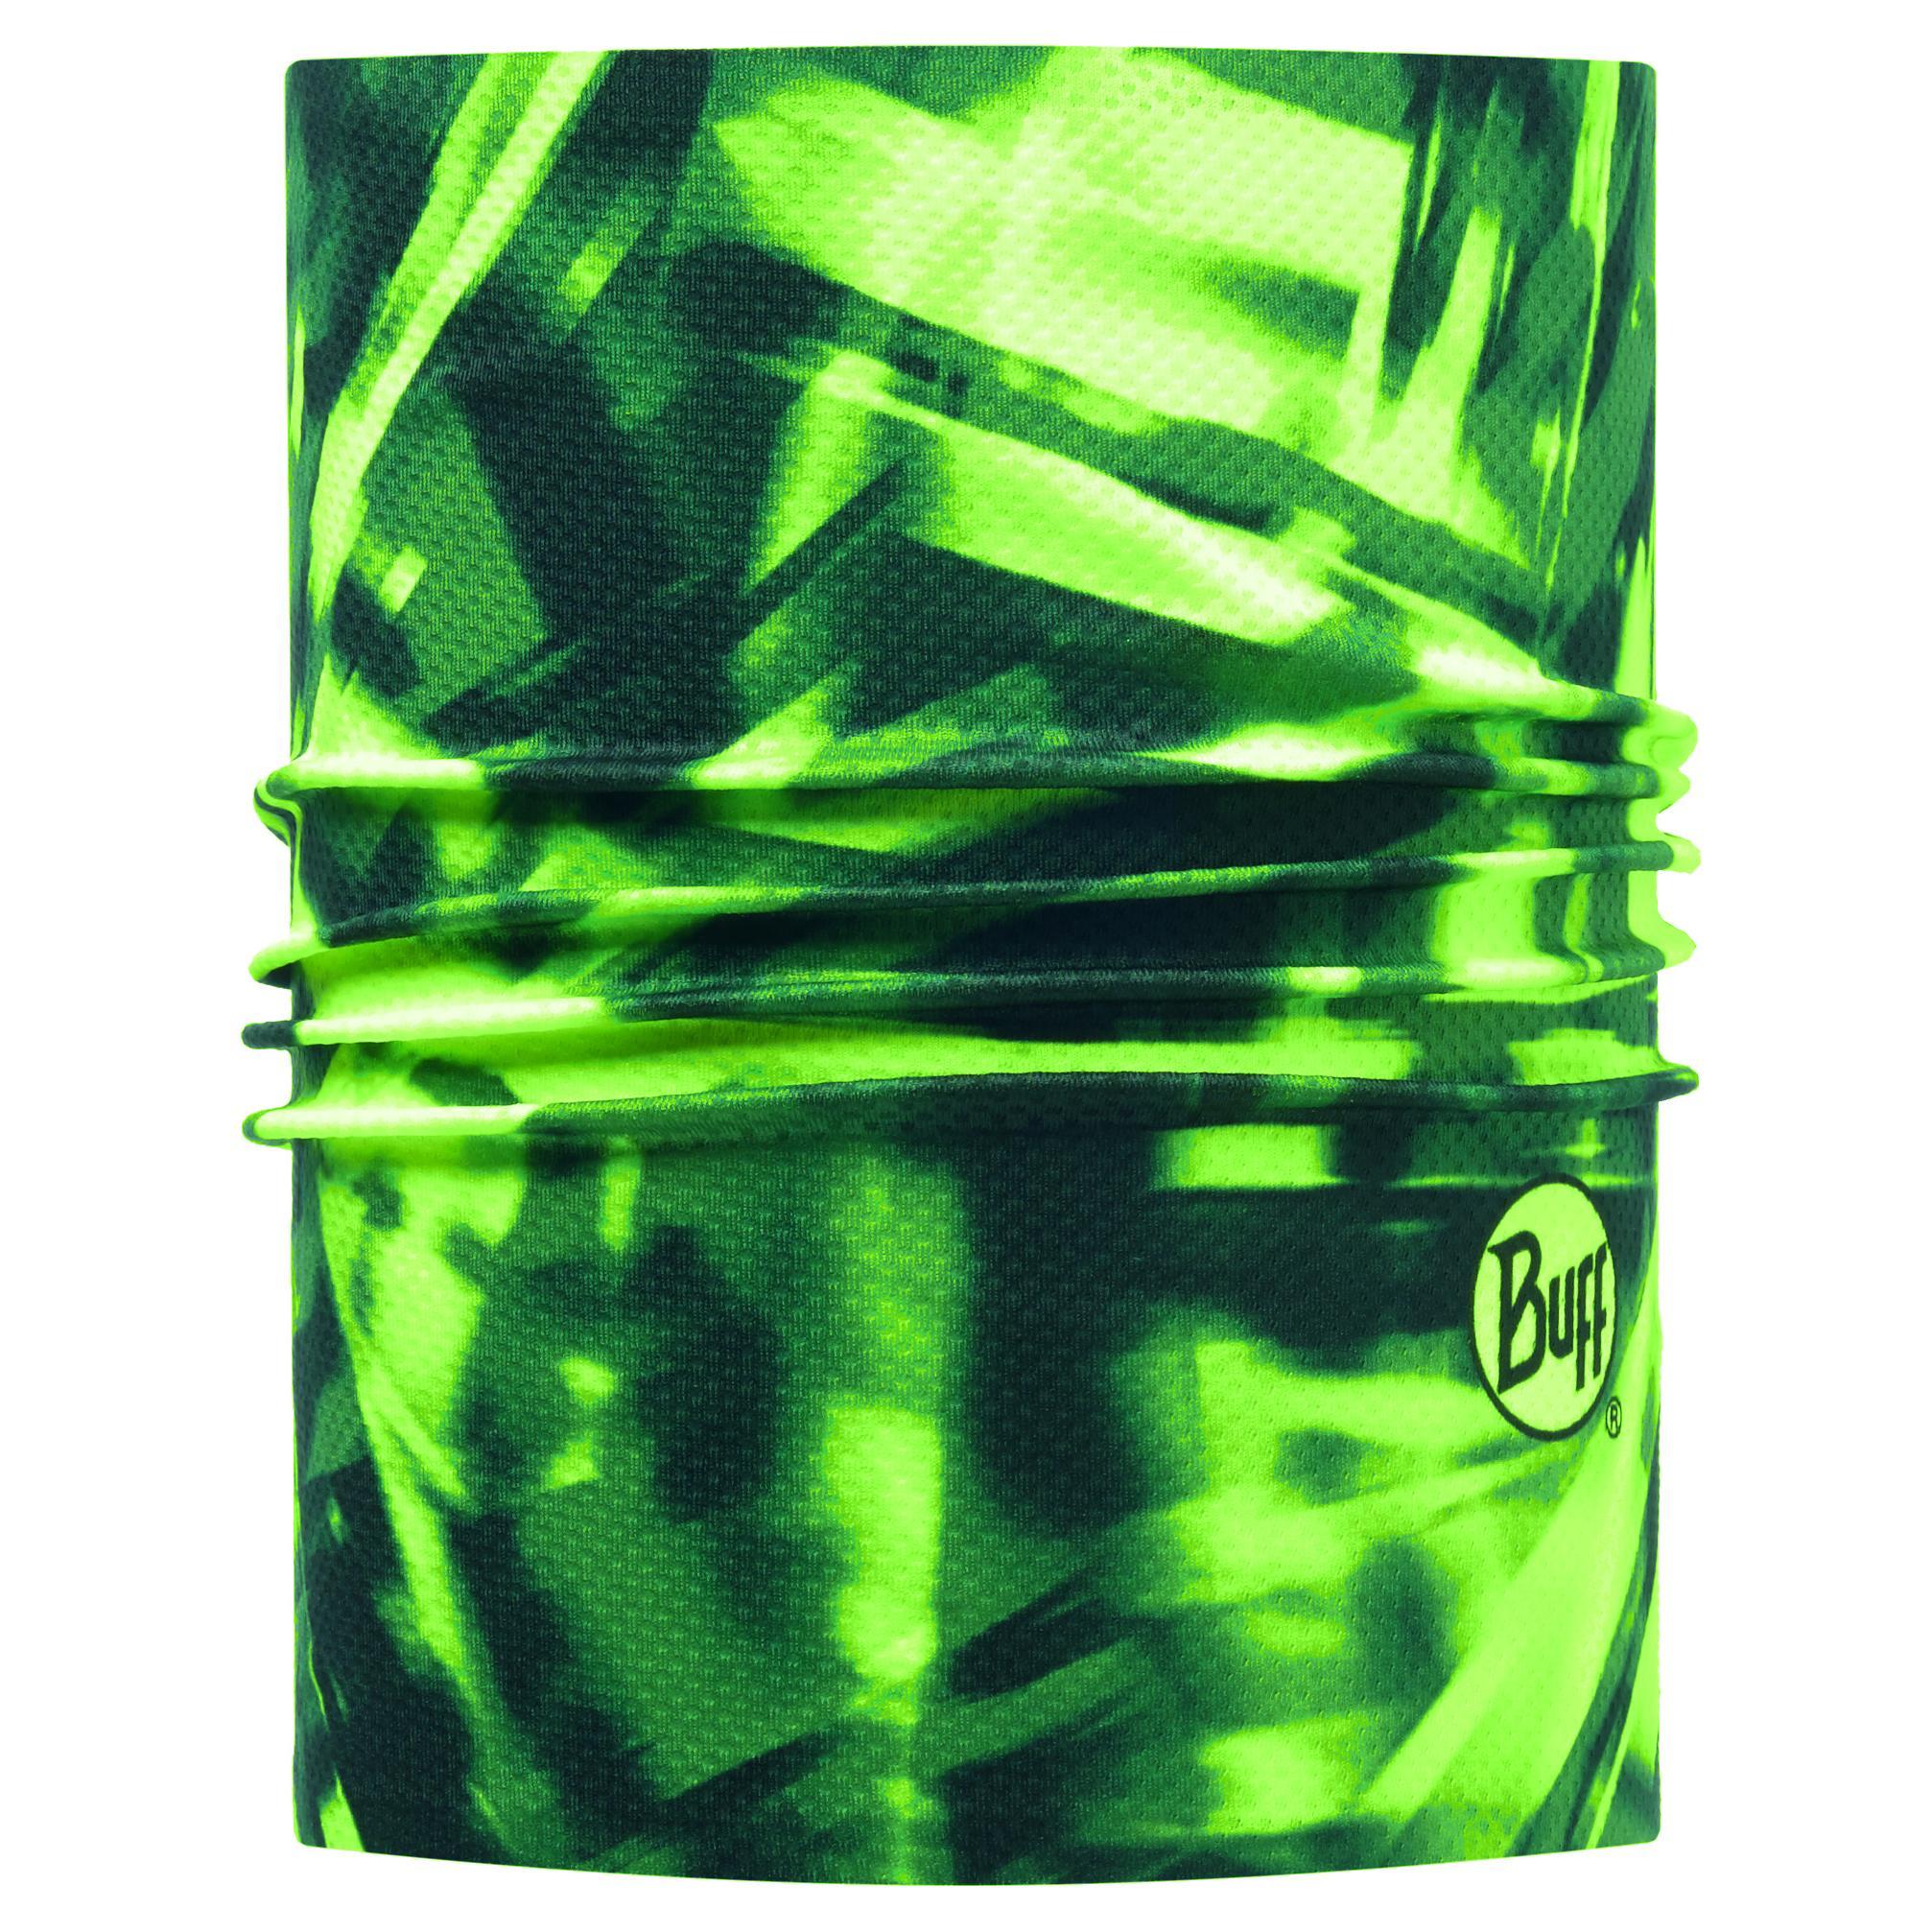 Подшлемник BUFF HELMET LINER NITRIC YELLOW FLUOR Банданы и шарфы Buff ® 1312860  - купить со скидкой